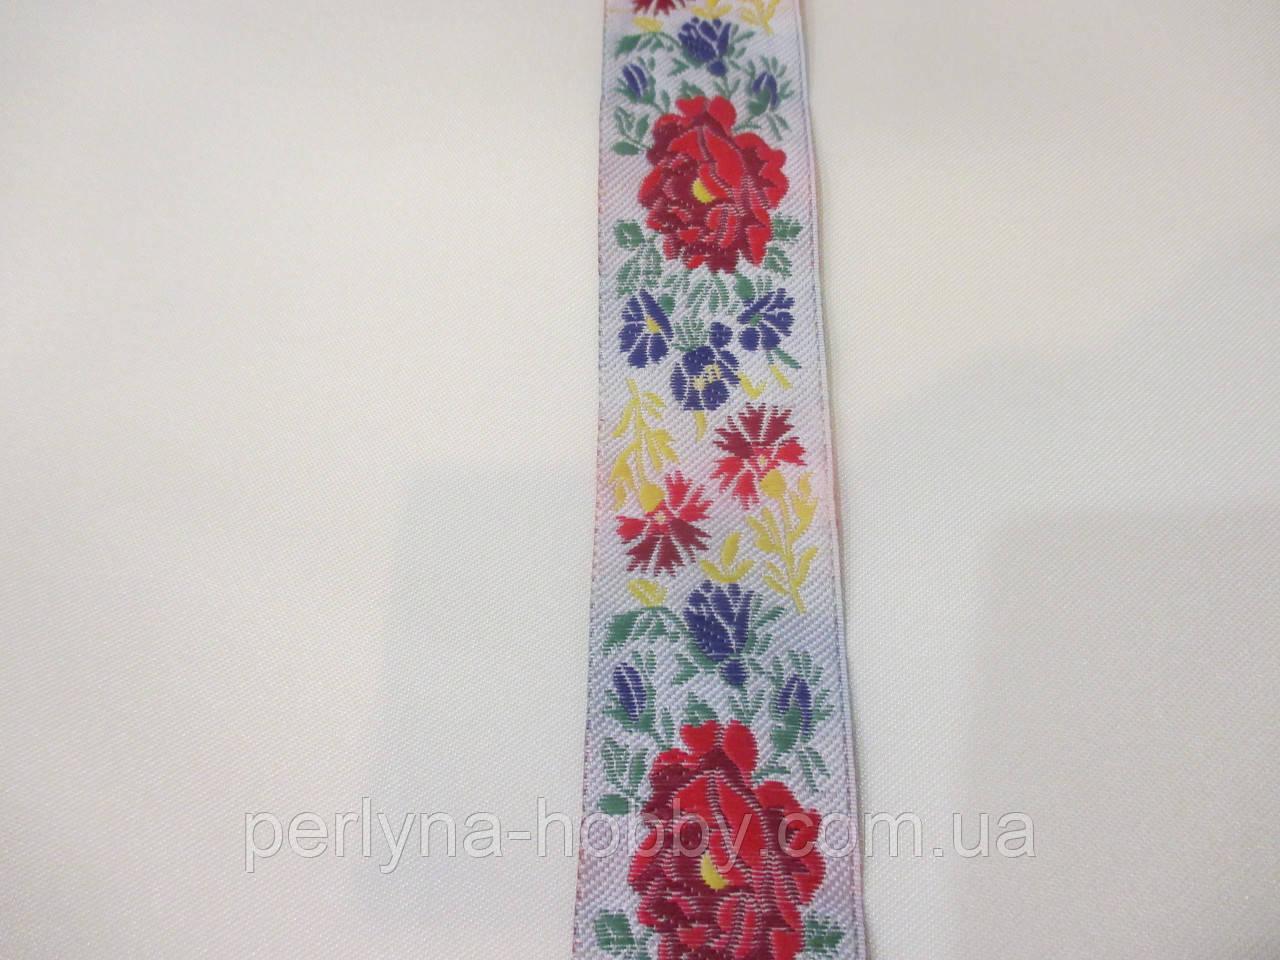 Тесьма орнамент Квіти 3 см.